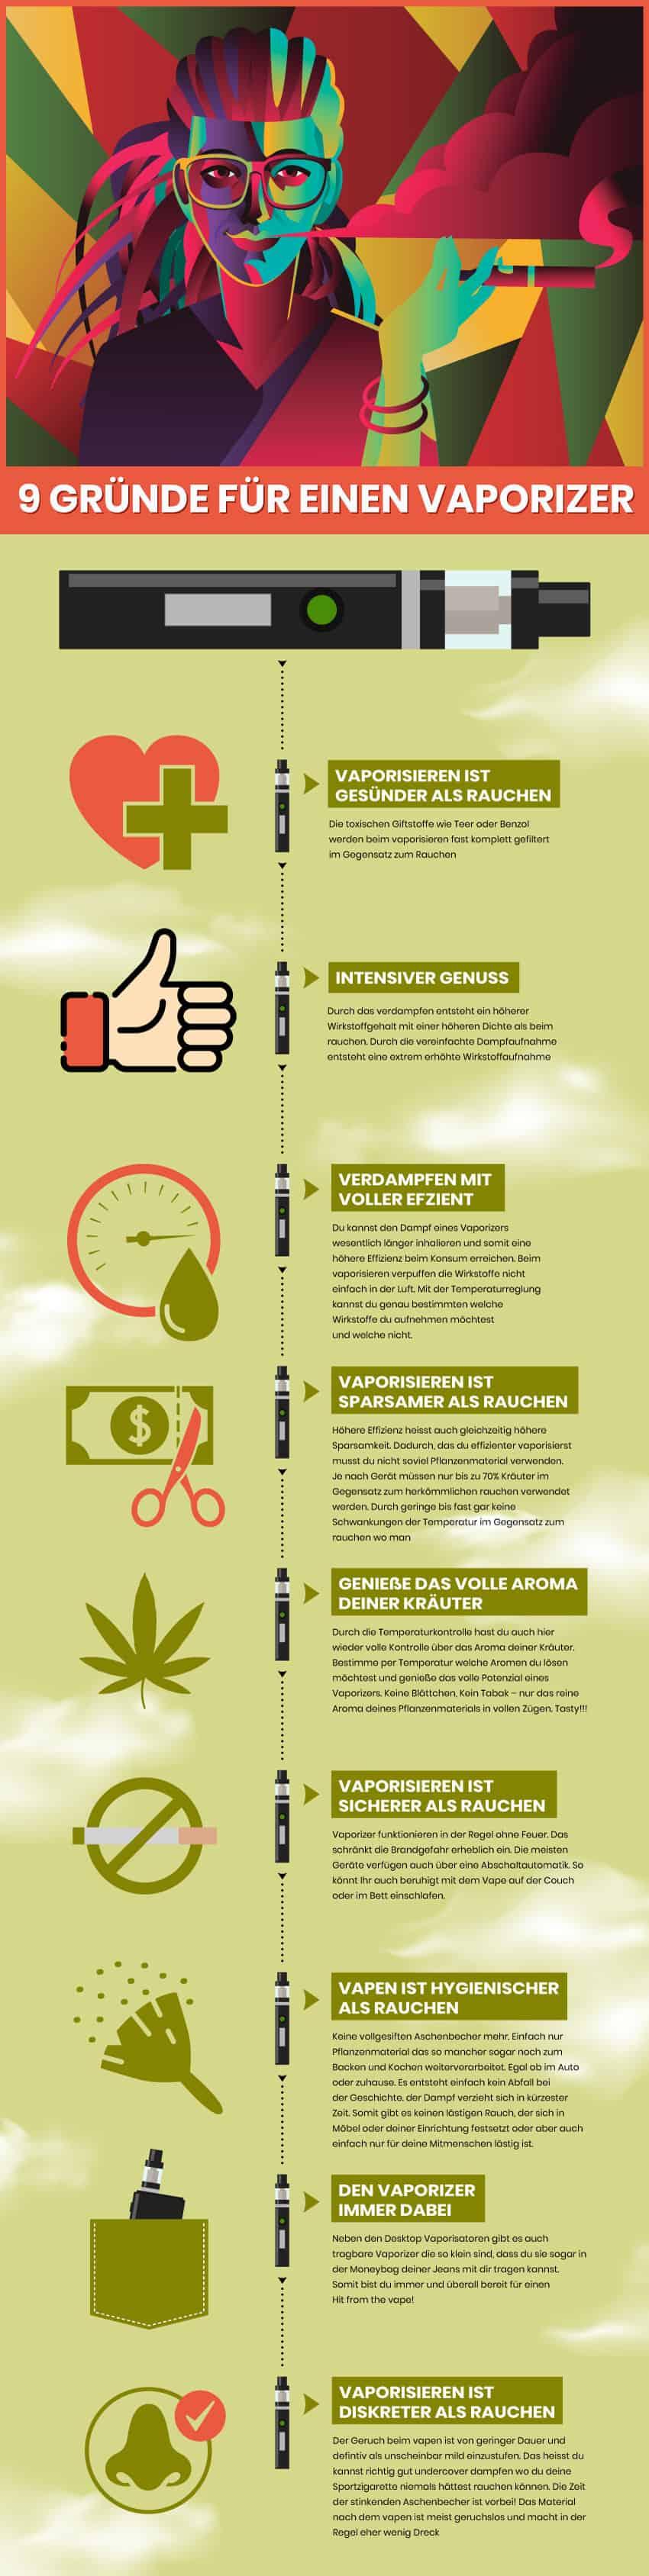 9 Gründe für einen Cannabis Vaporizer [INFOGRAFIK]